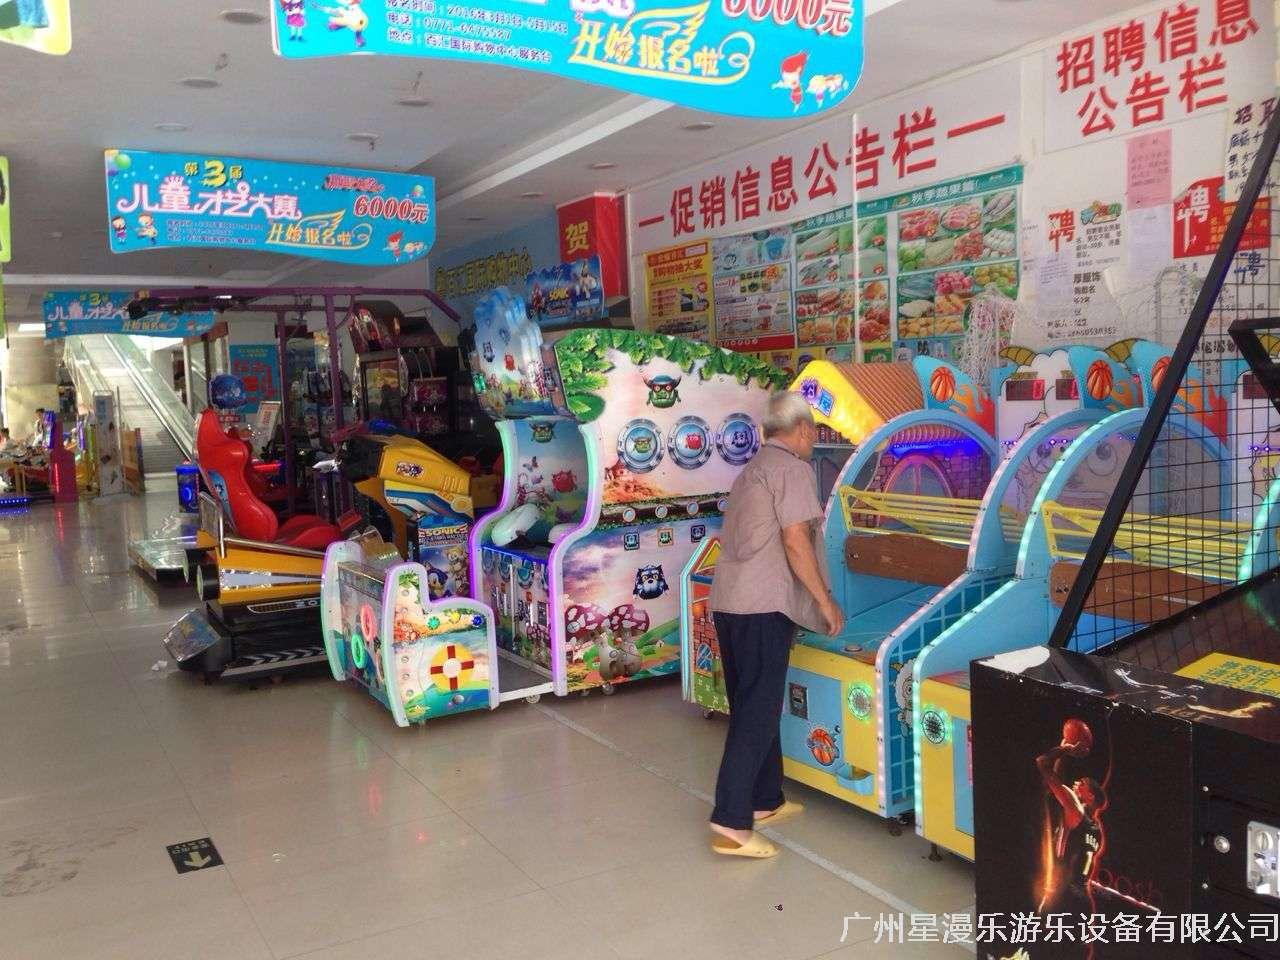 兒童電玩區里,各種兒童益智電玩設備擺放在人流量最明顯的電梯兩側,讓進進出出的孩子看到就有想體驗的沖動……